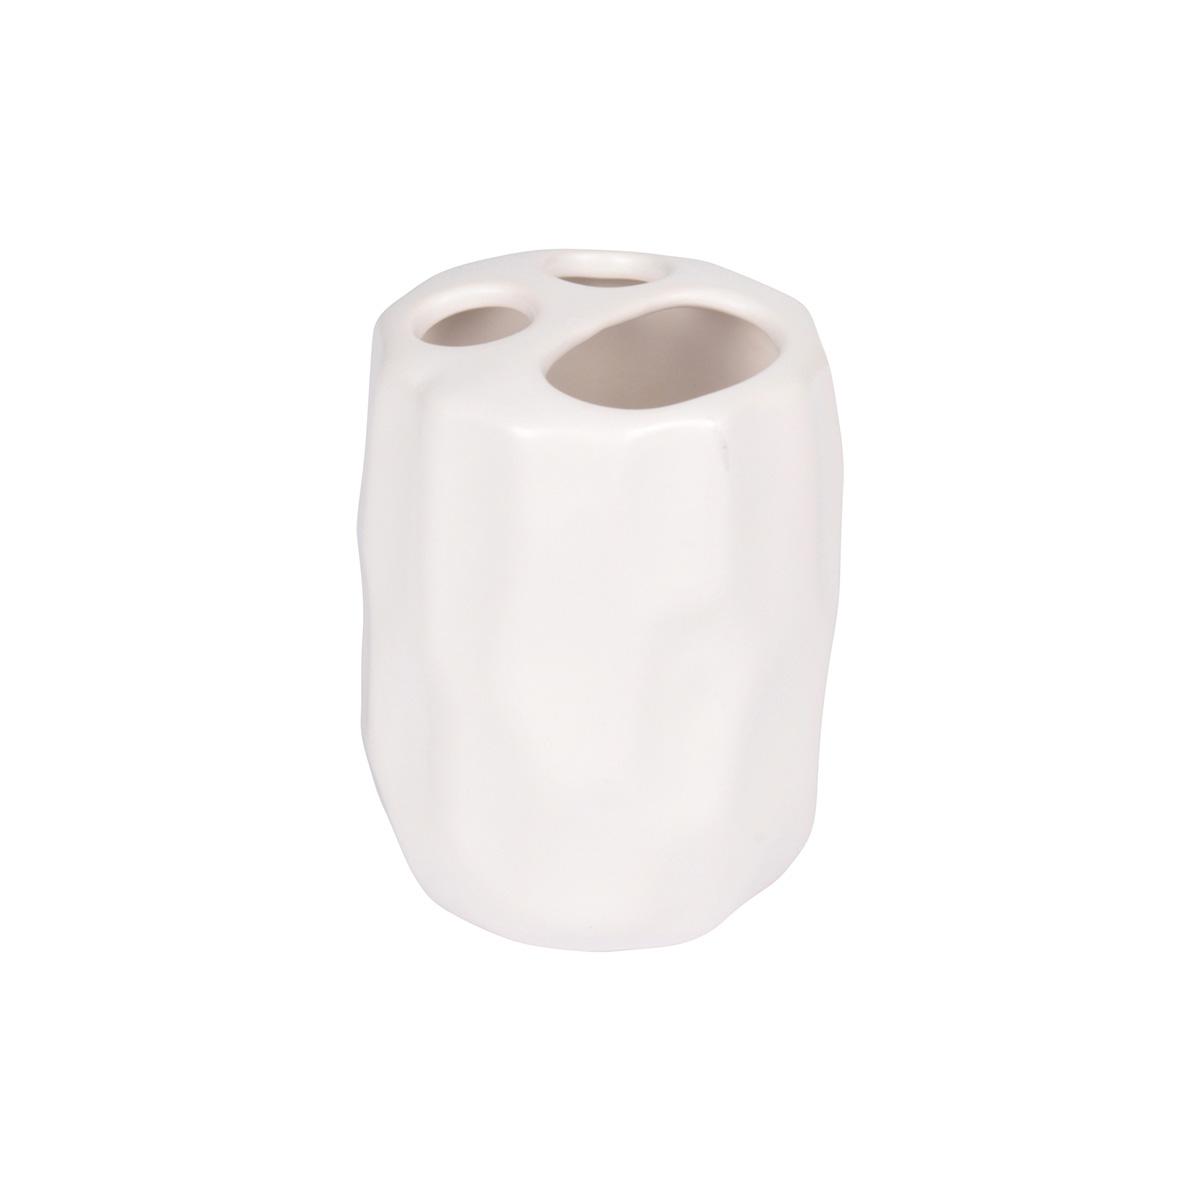 Porte brosse dent effet martel blanc rose poudre - Effet chaule blanc poudre ...